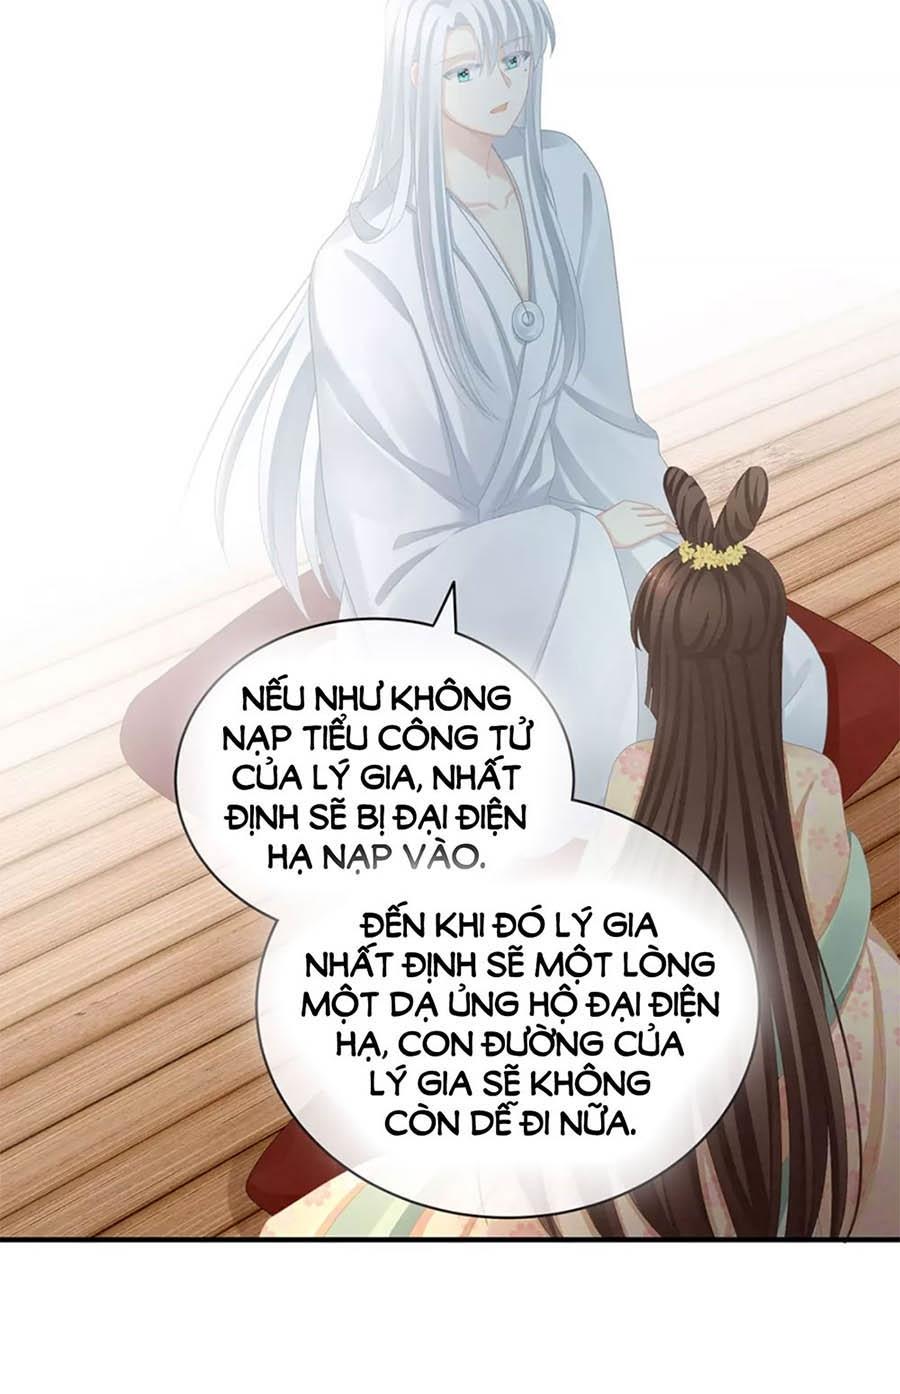 Hậu Cung Của Nữ Đế chap 113 - Trang 17